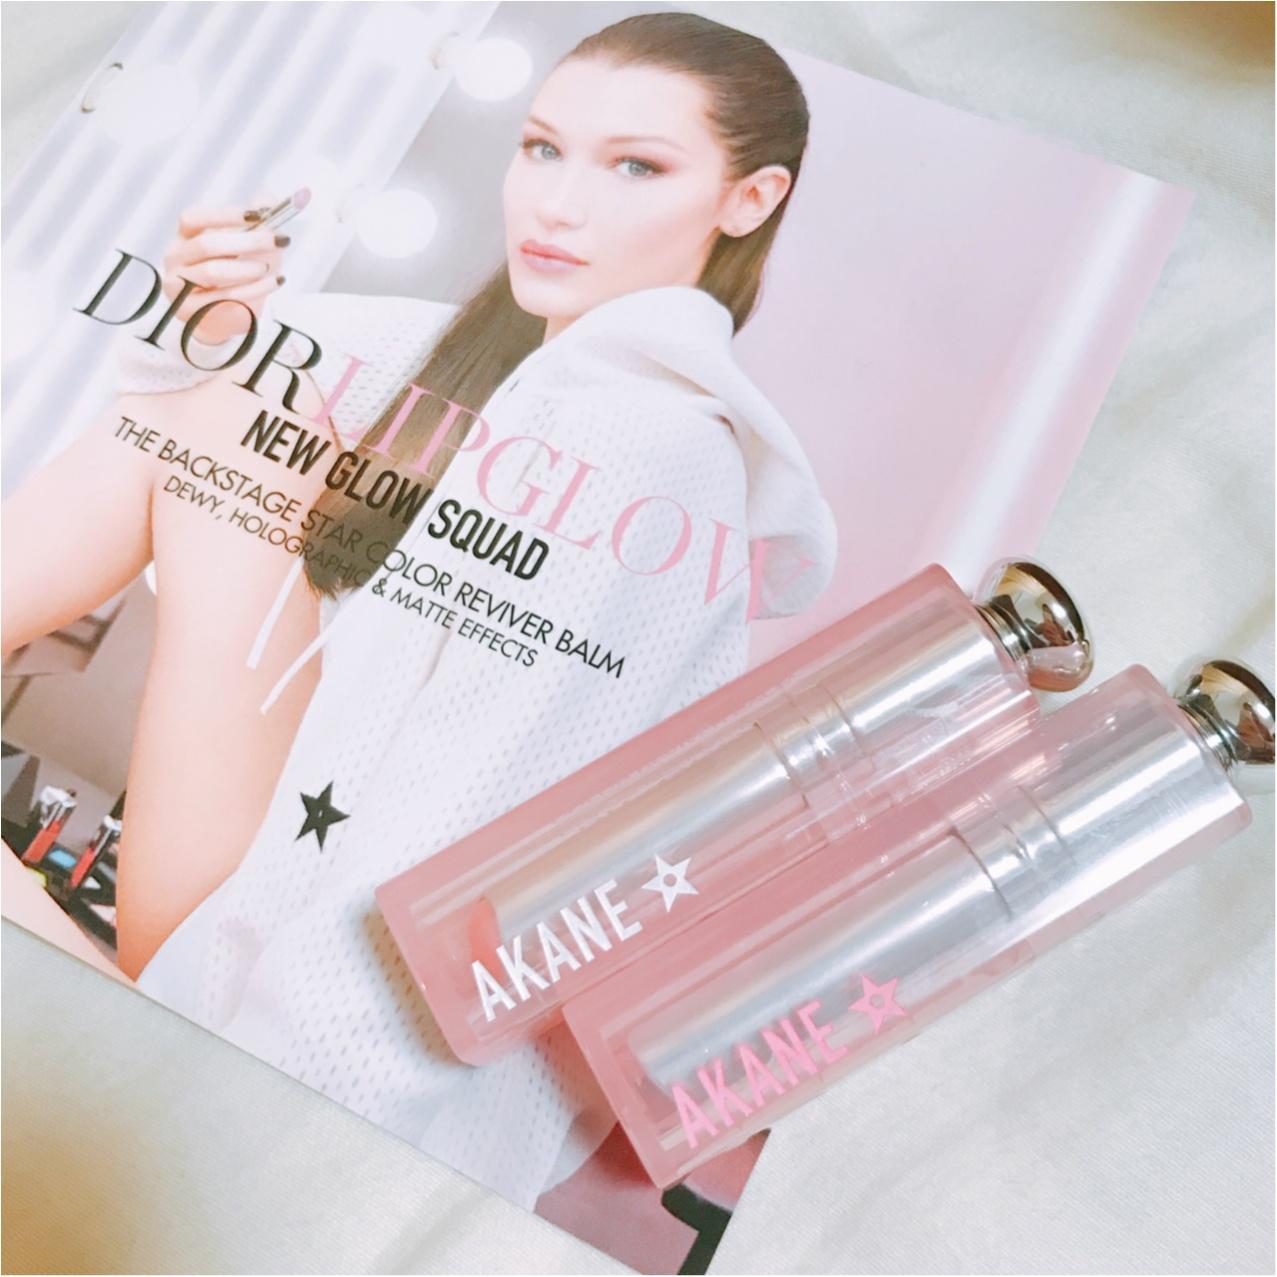 キラキラのくちびるに…♡【Dior(ディオール)】アディクトリップグロウ《ホロピンク》がかわいすぎるっ!!_3